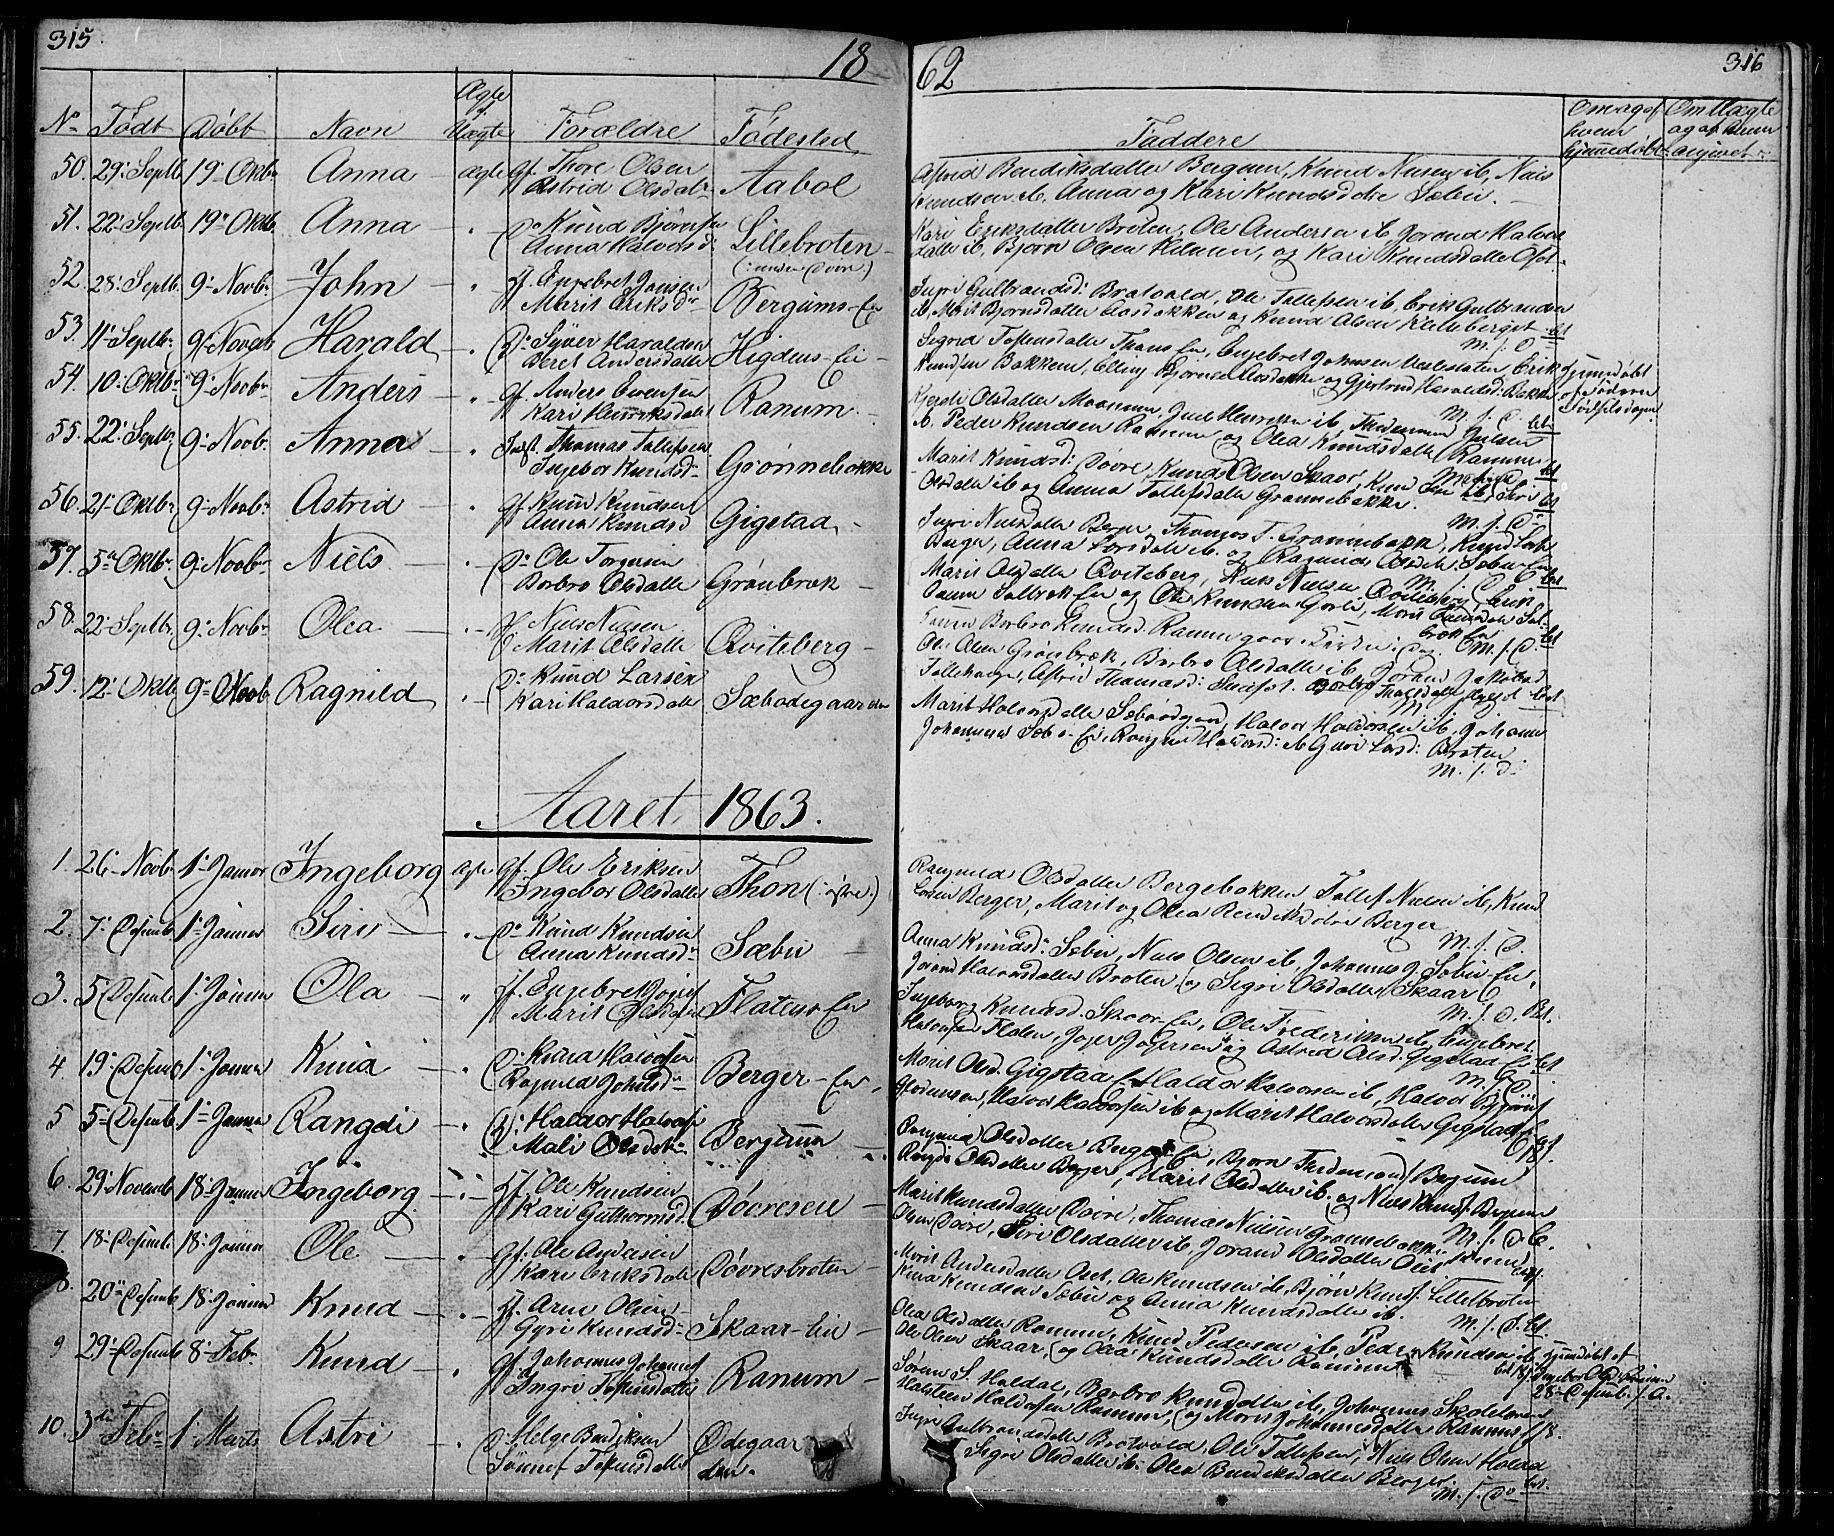 SAH, Nord-Aurdal prestekontor, Klokkerbok nr. 1, 1834-1887, s. 315-316